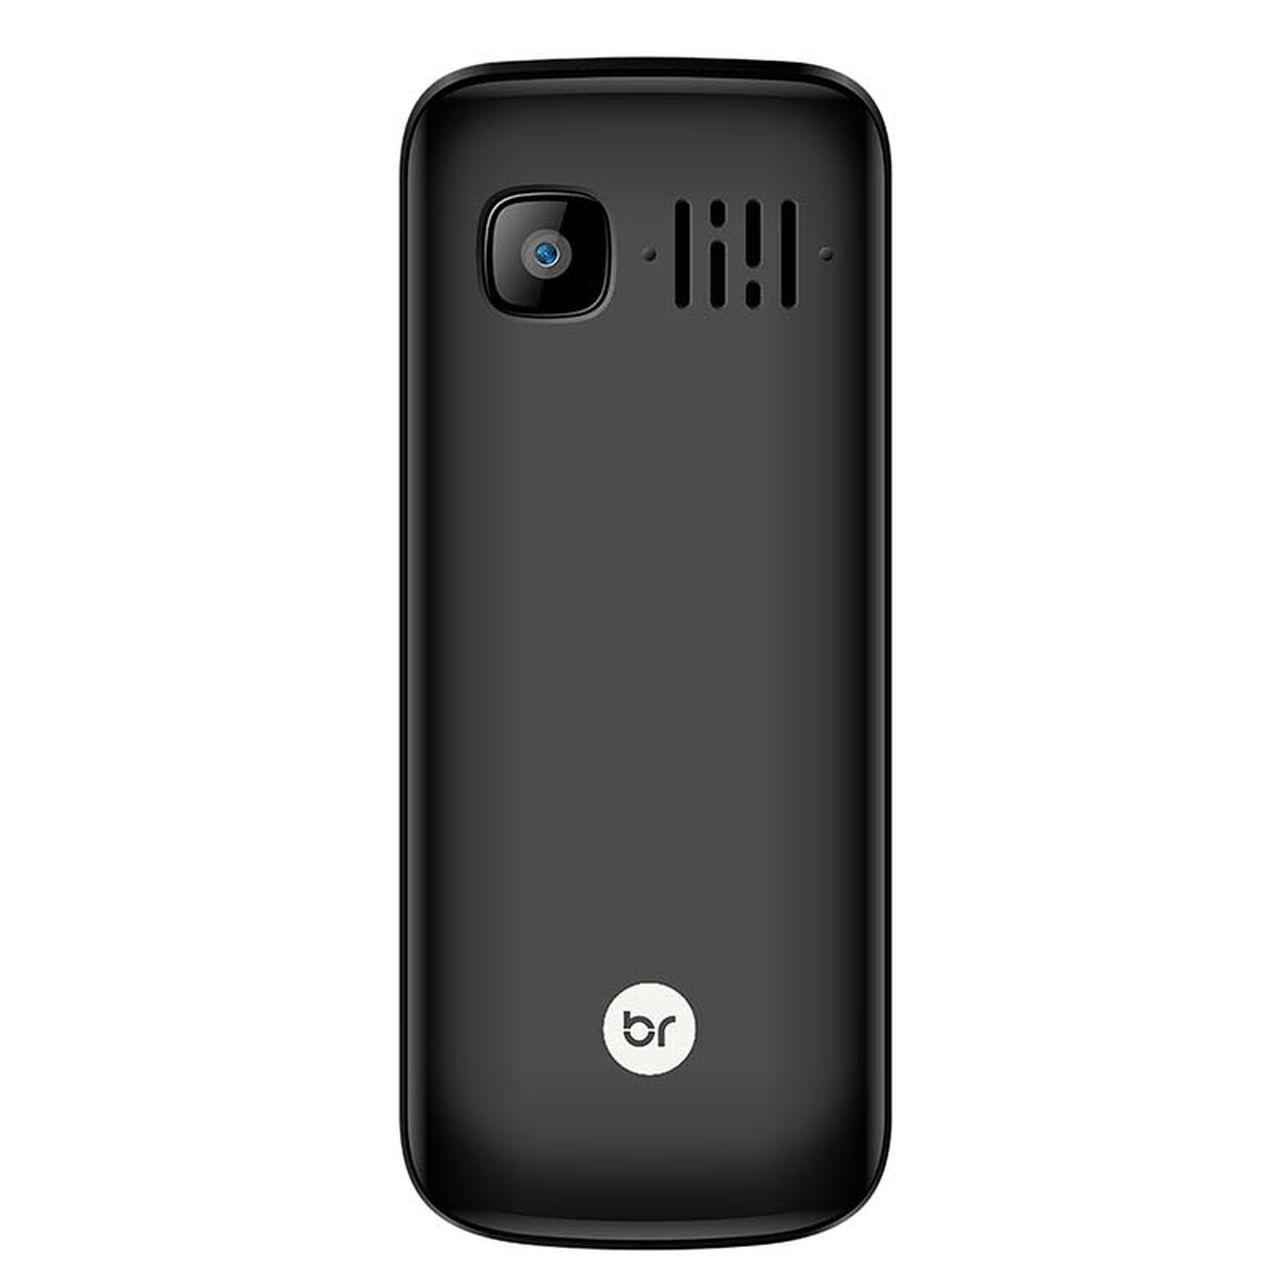 Celular Barra Dual Chip, Câmera, MP3 e Bluetooth 405 Preto - Bright